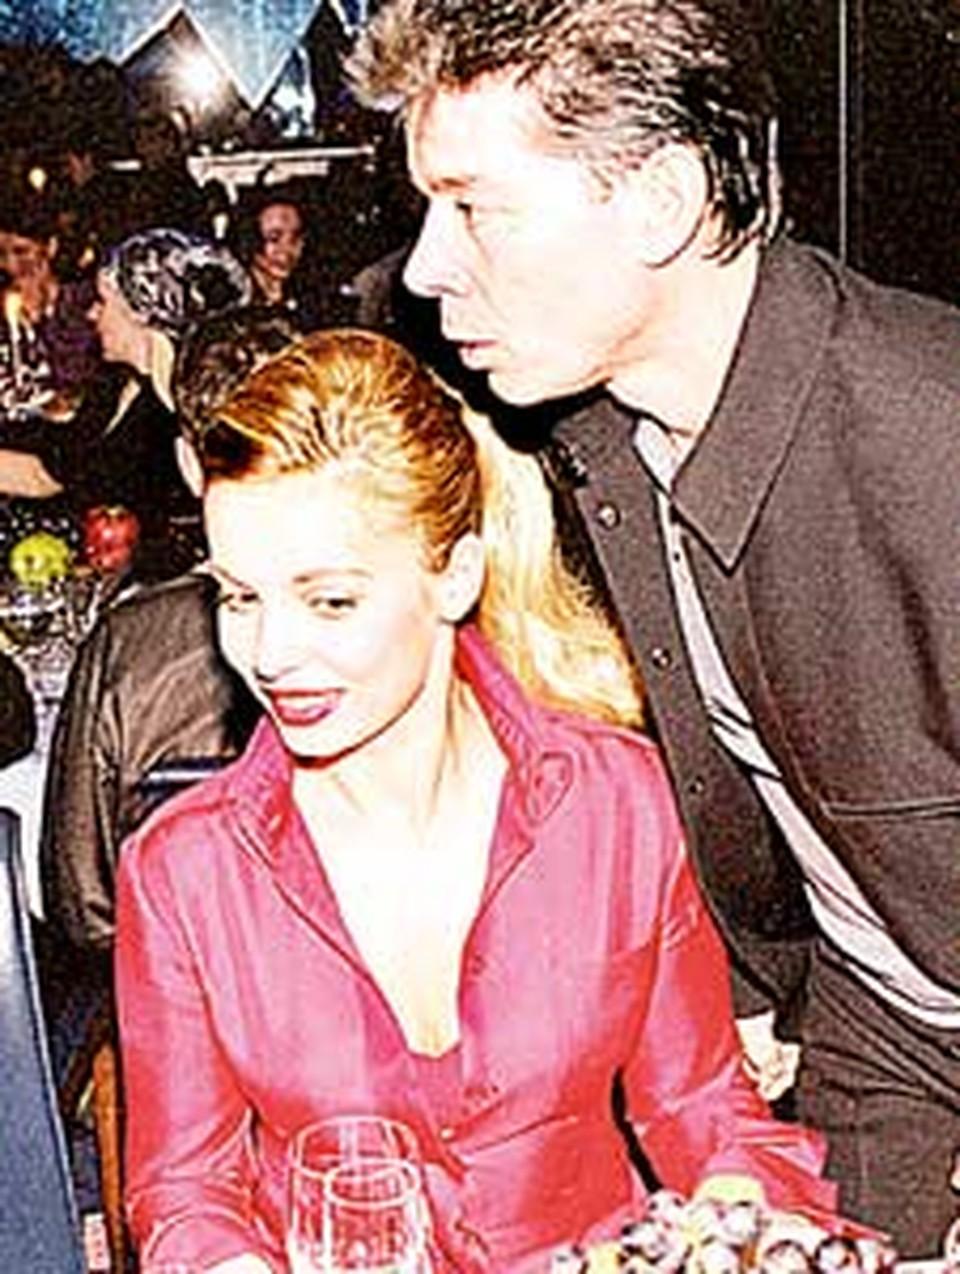 На светских приемах Олег Газманов  появляется  в сопровождении Марины (бывшей жены Вячеслава Мавроди).